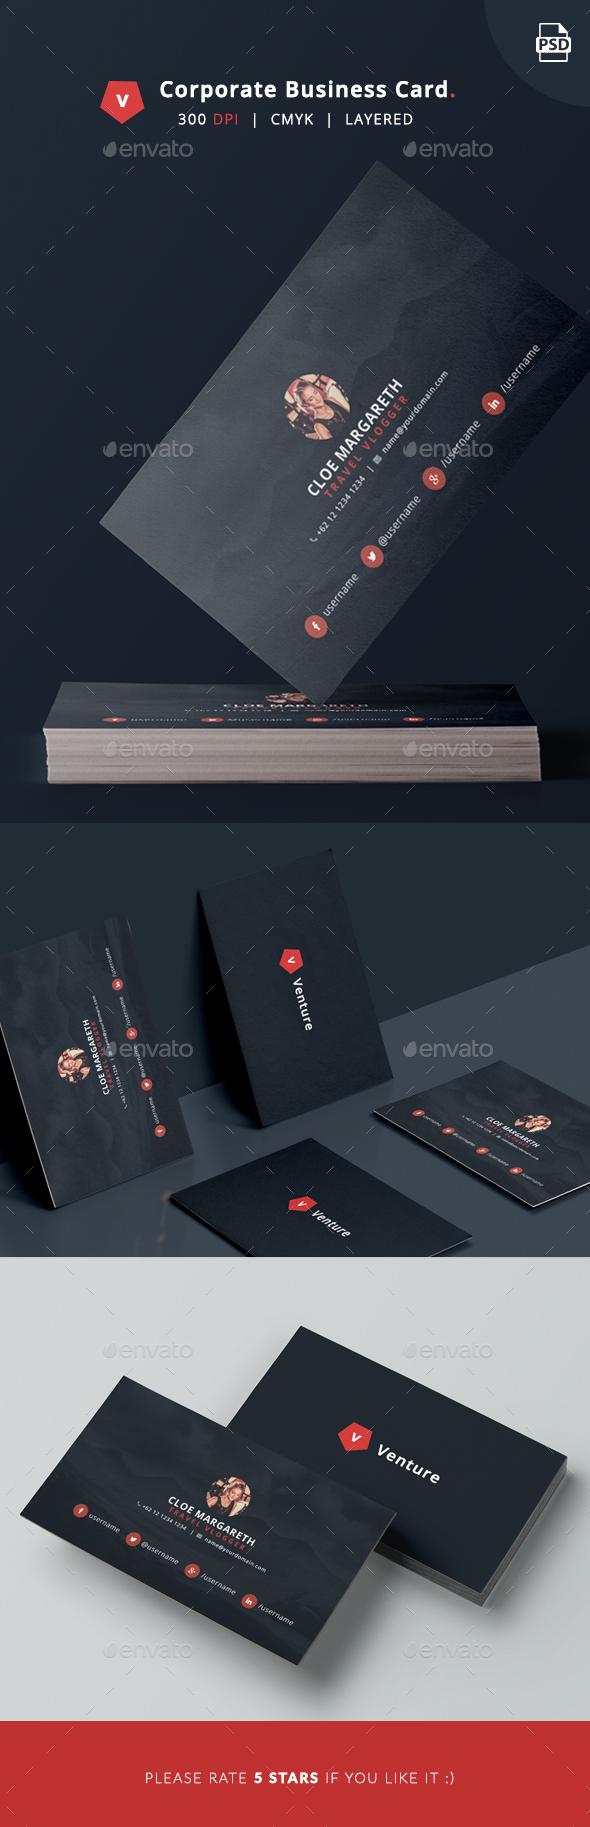 قالب گرافیک کارت ویزیت شرکتی Venture